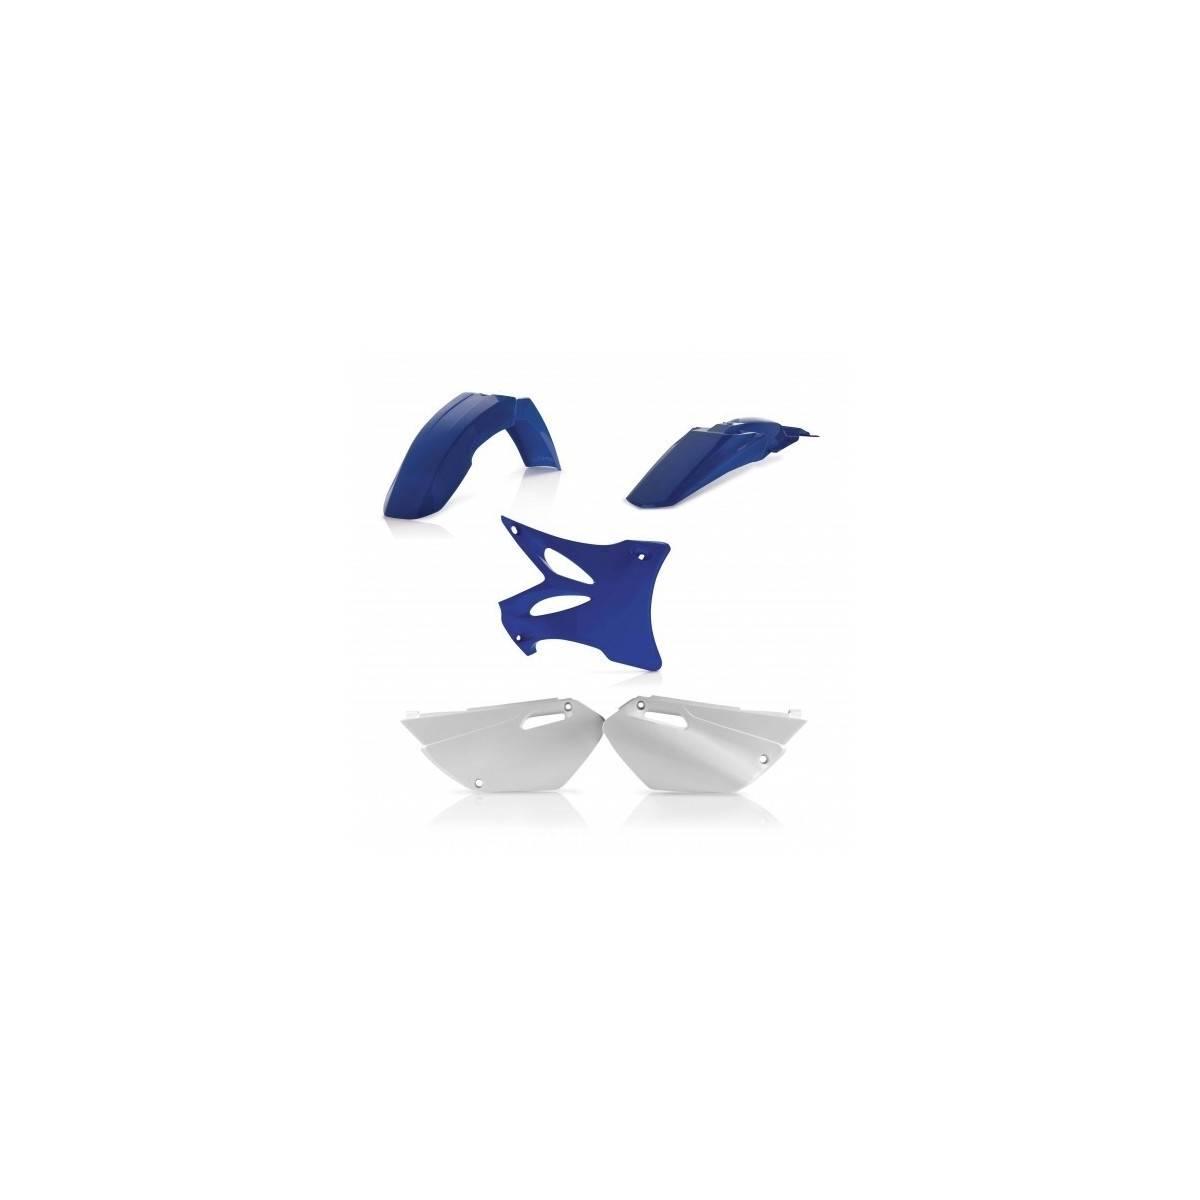 0007580-553 - Kit Plasticos Yz 125 Yz 250 Wr 125 Wr 250 00 01 Origen